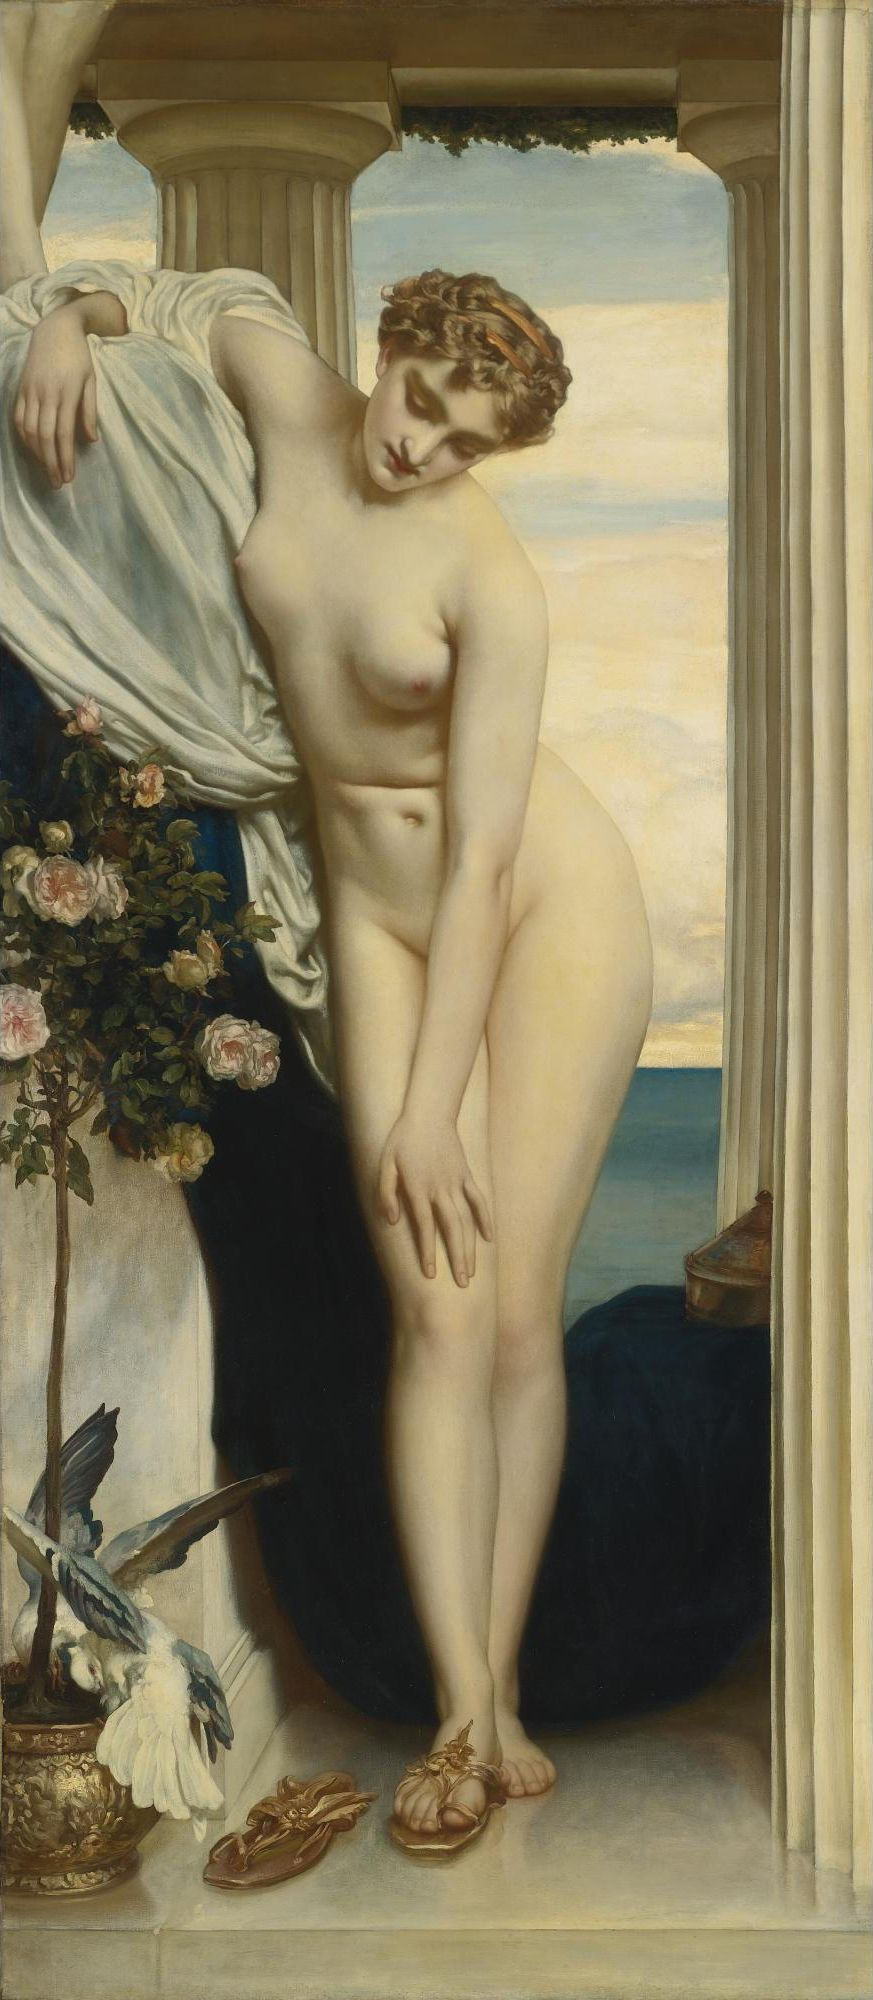 Frederick Leighton, 1830-1896. Венера, раздевающаяся перед купанием. 203 х 91 см. Частная коллекция